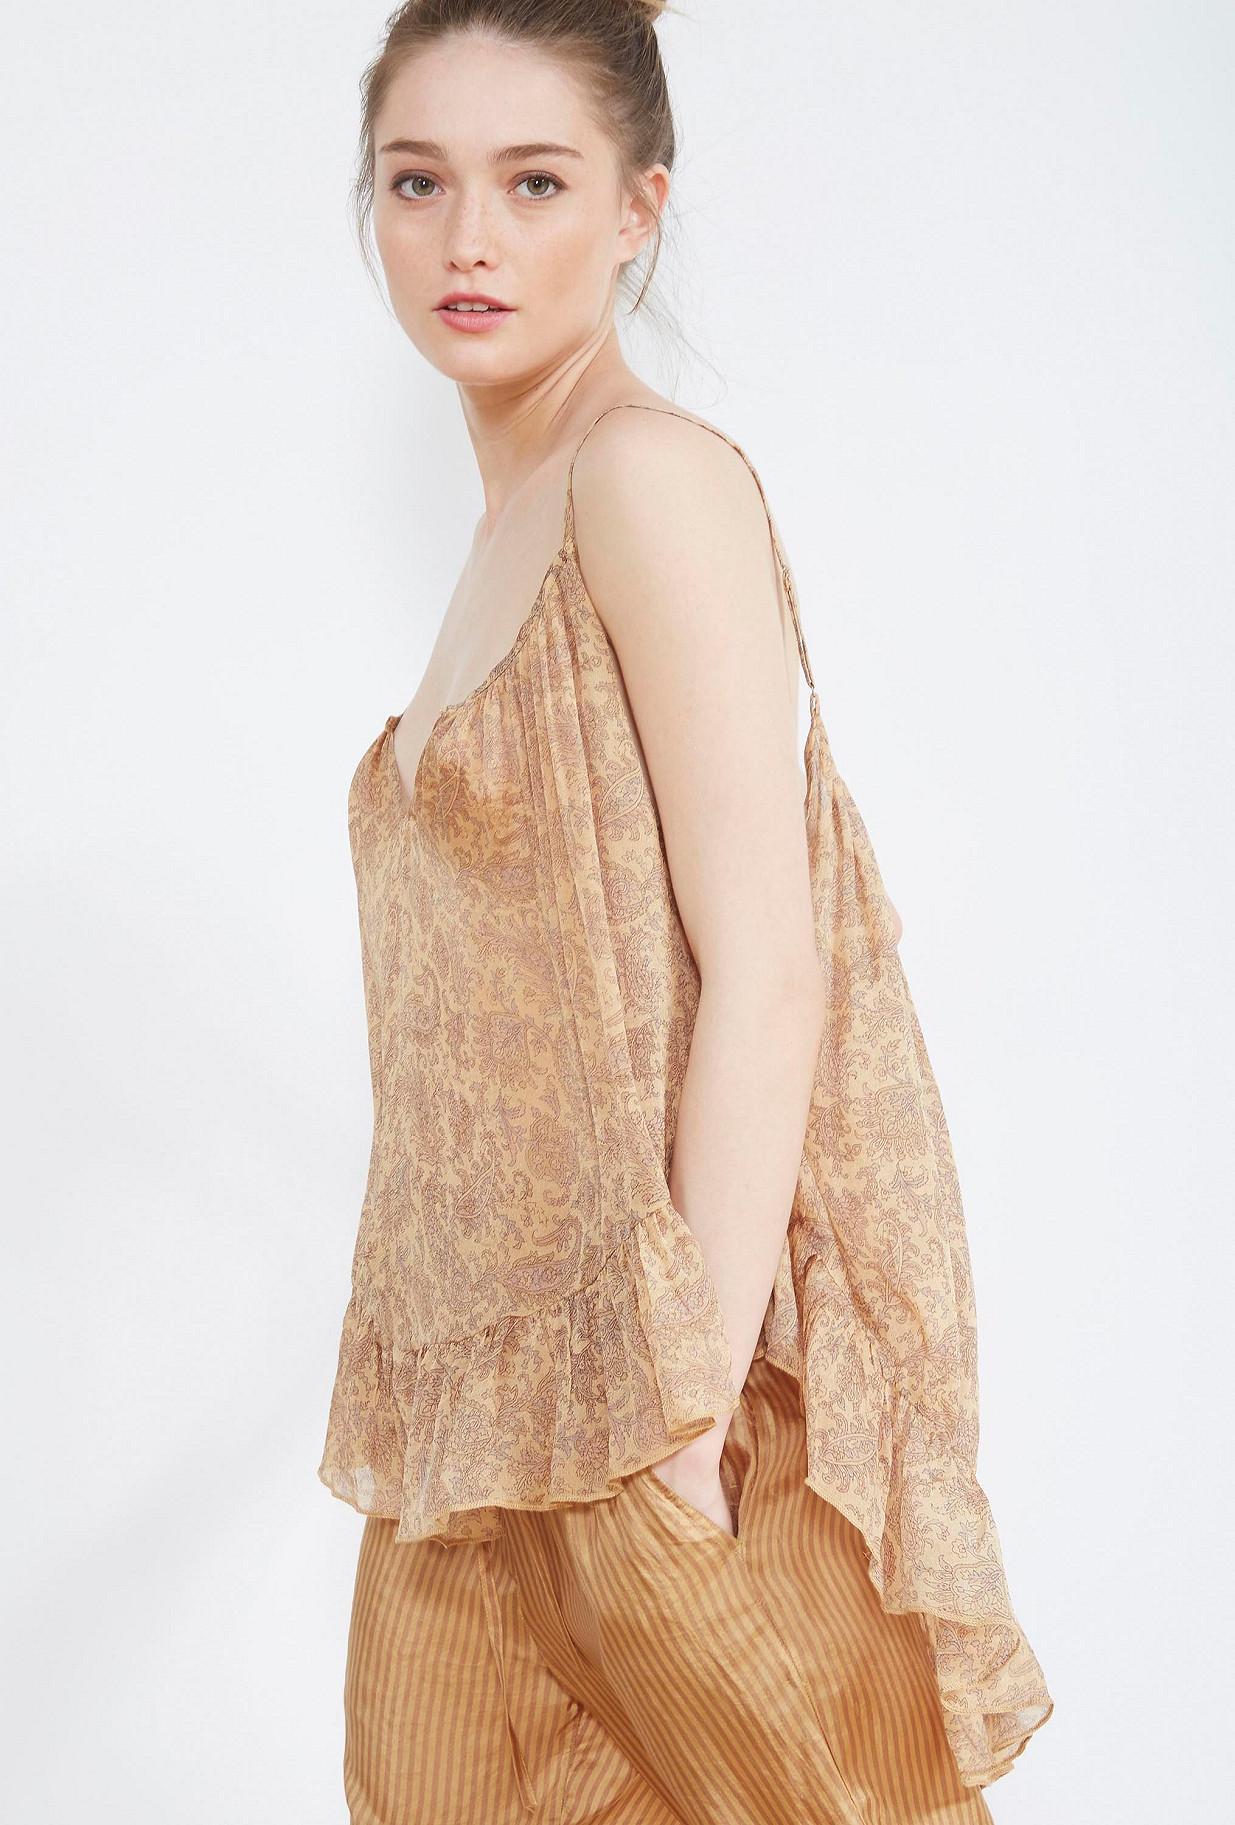 clothes store TOP  Soliste french designer fashion Paris